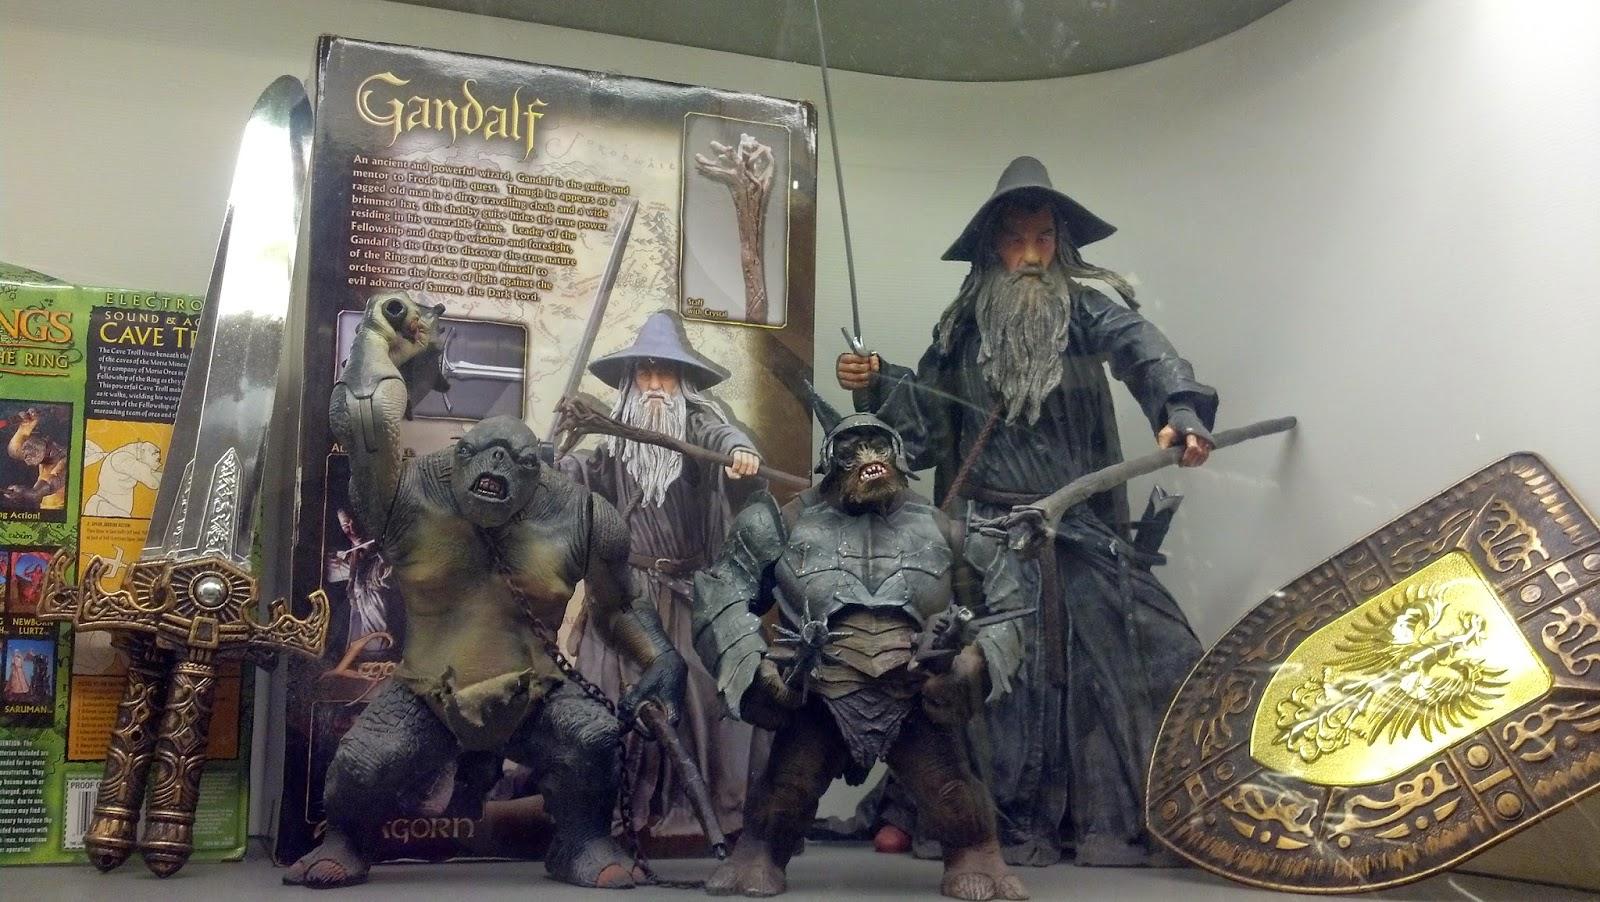 gandalf,gandalf army,main dengan penguatkuasa